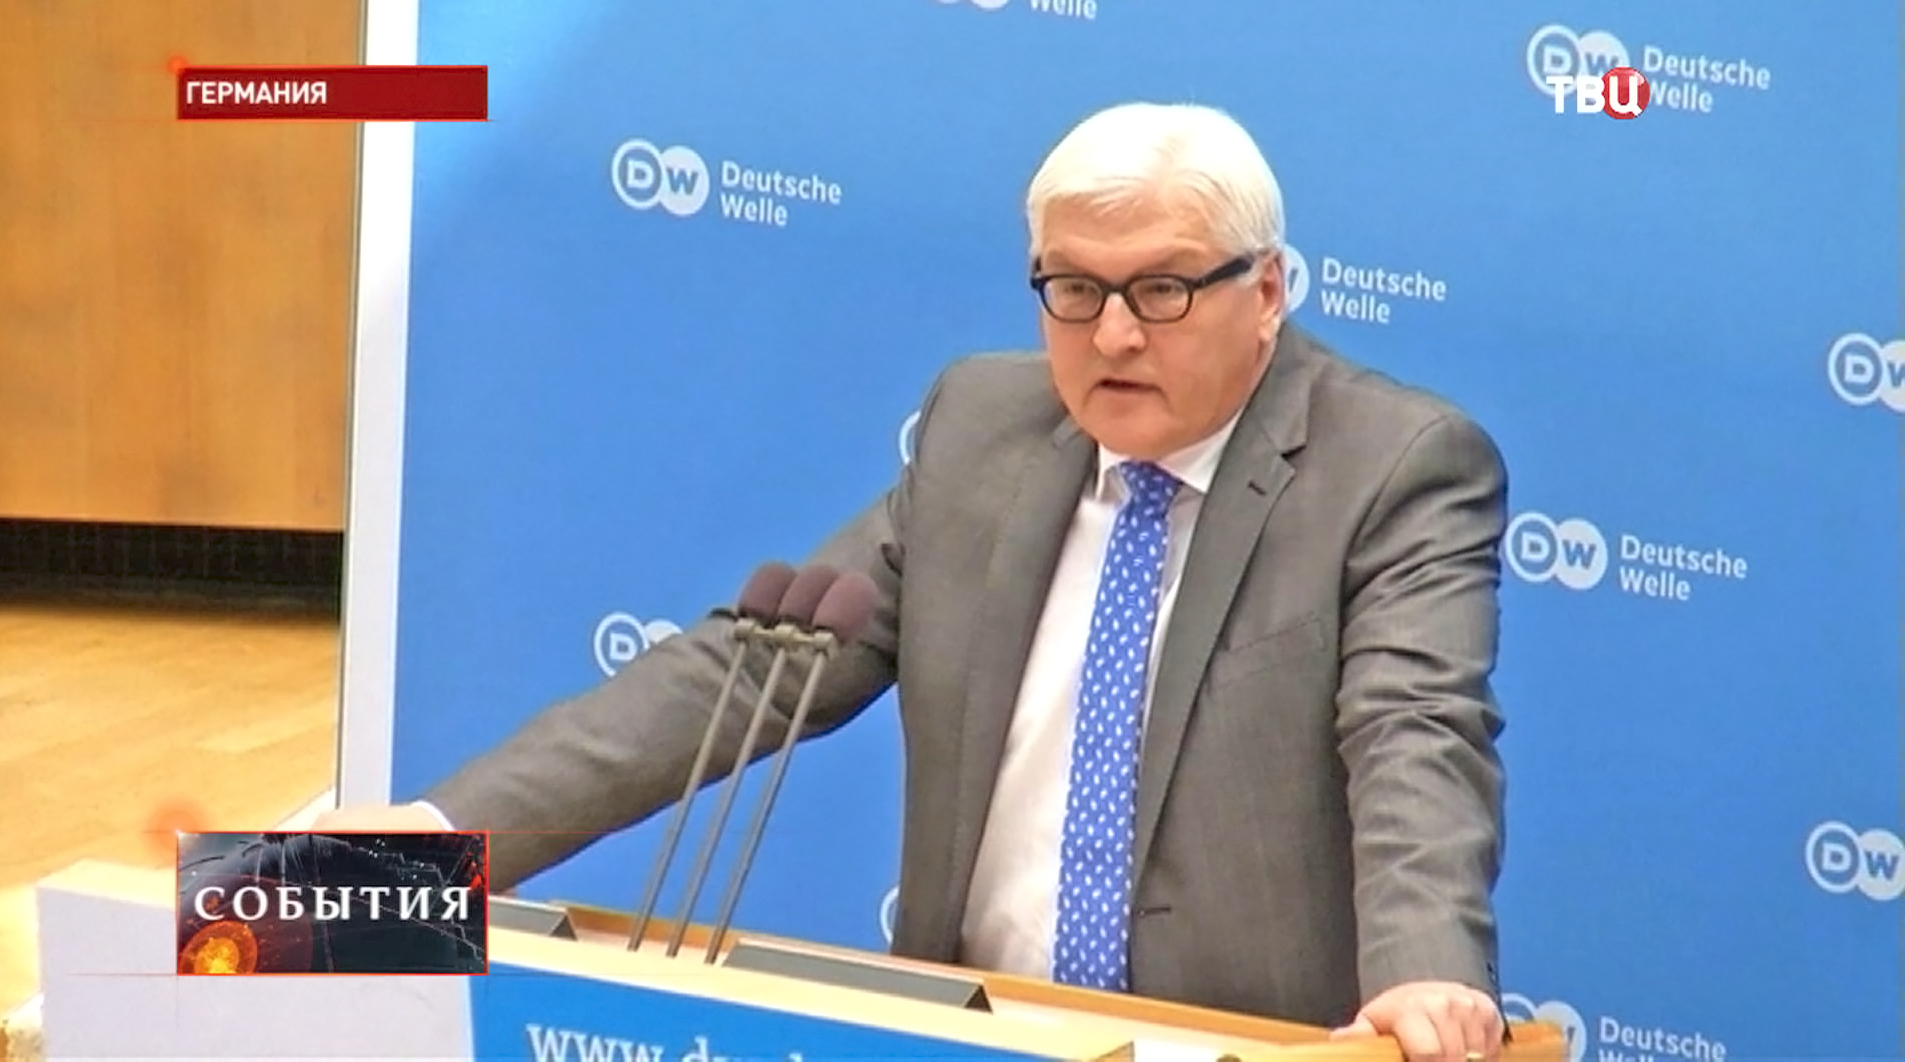 Министр иностранных дел Германии Франк Вальтер Штайнмайер